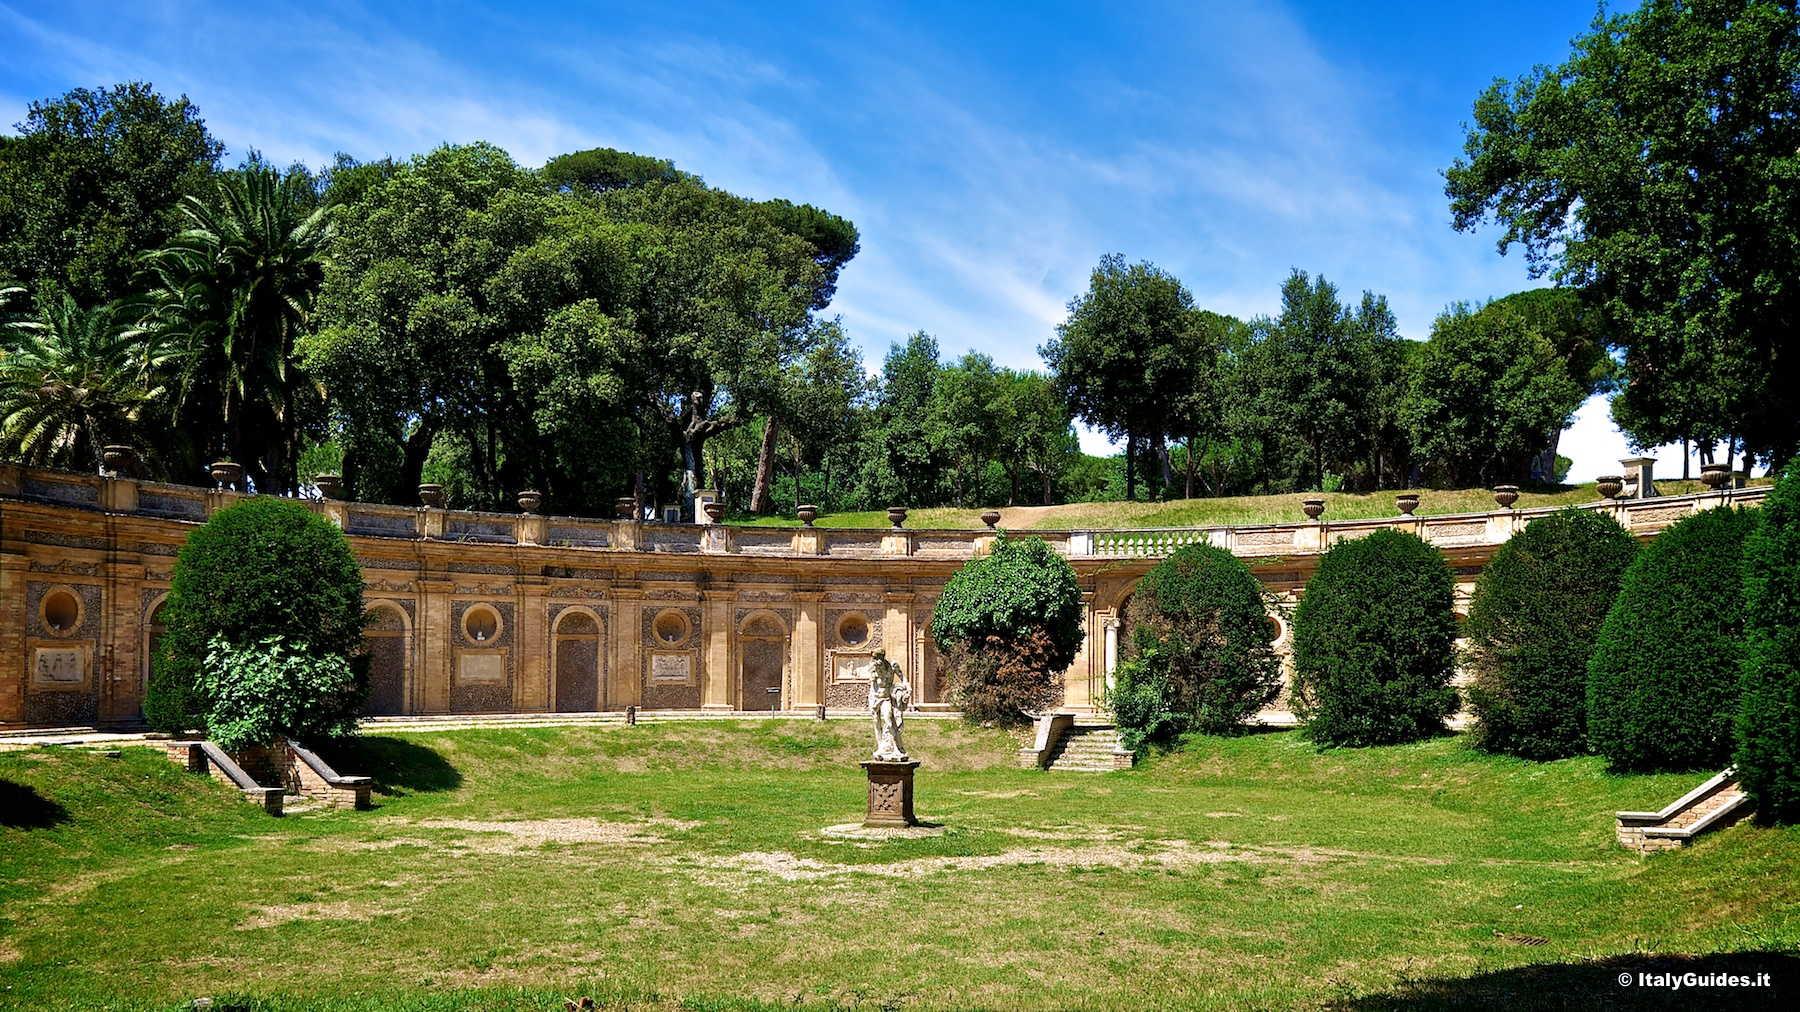 Fantastico Giardino Segreto Roma Immagine Di Giardino Idea